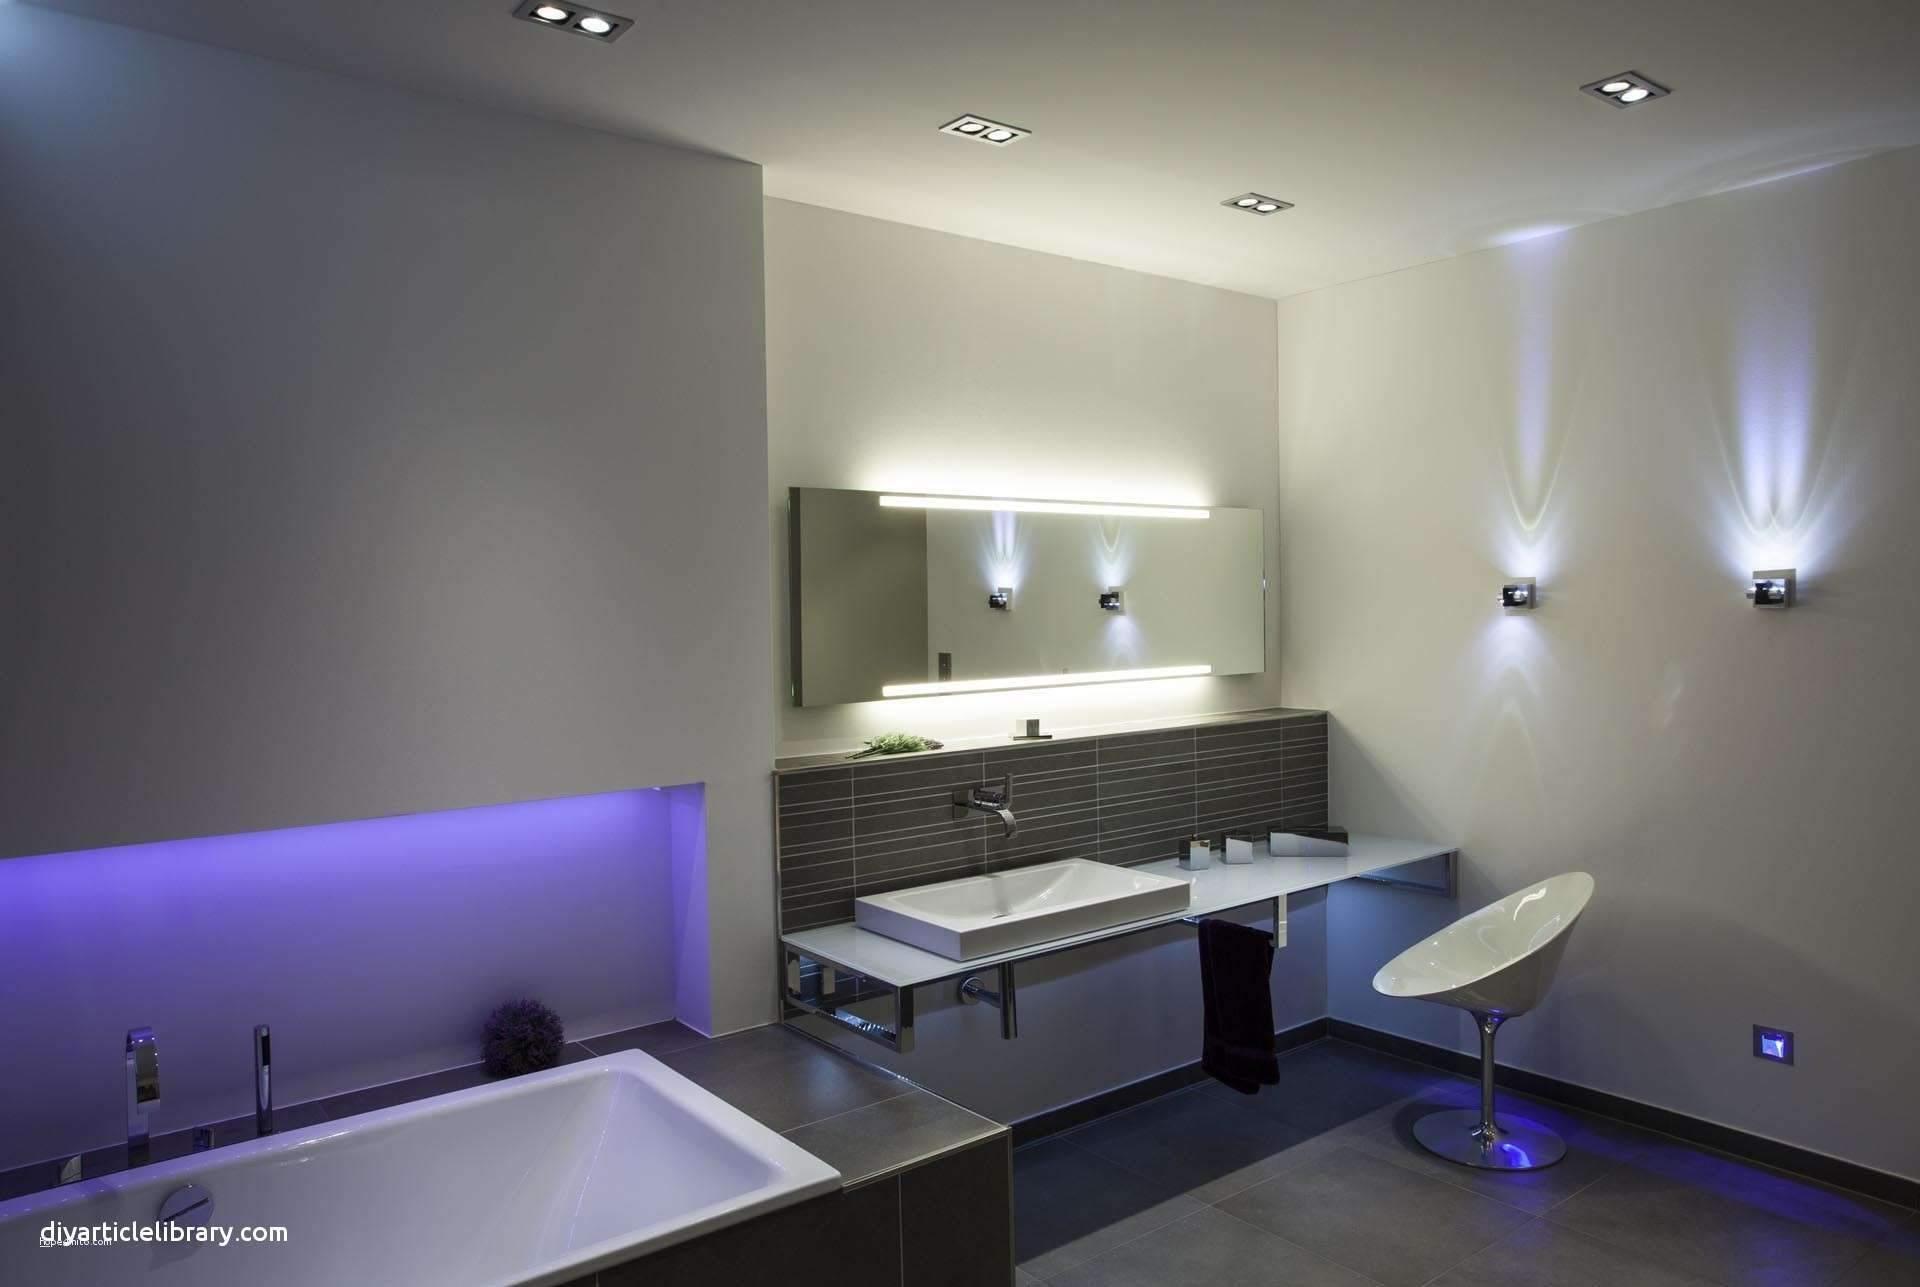 diy wohnzimmer einzigartig licht beton better badezimmer licht ideen luxus wohnzimmer of diy wohnzimmer